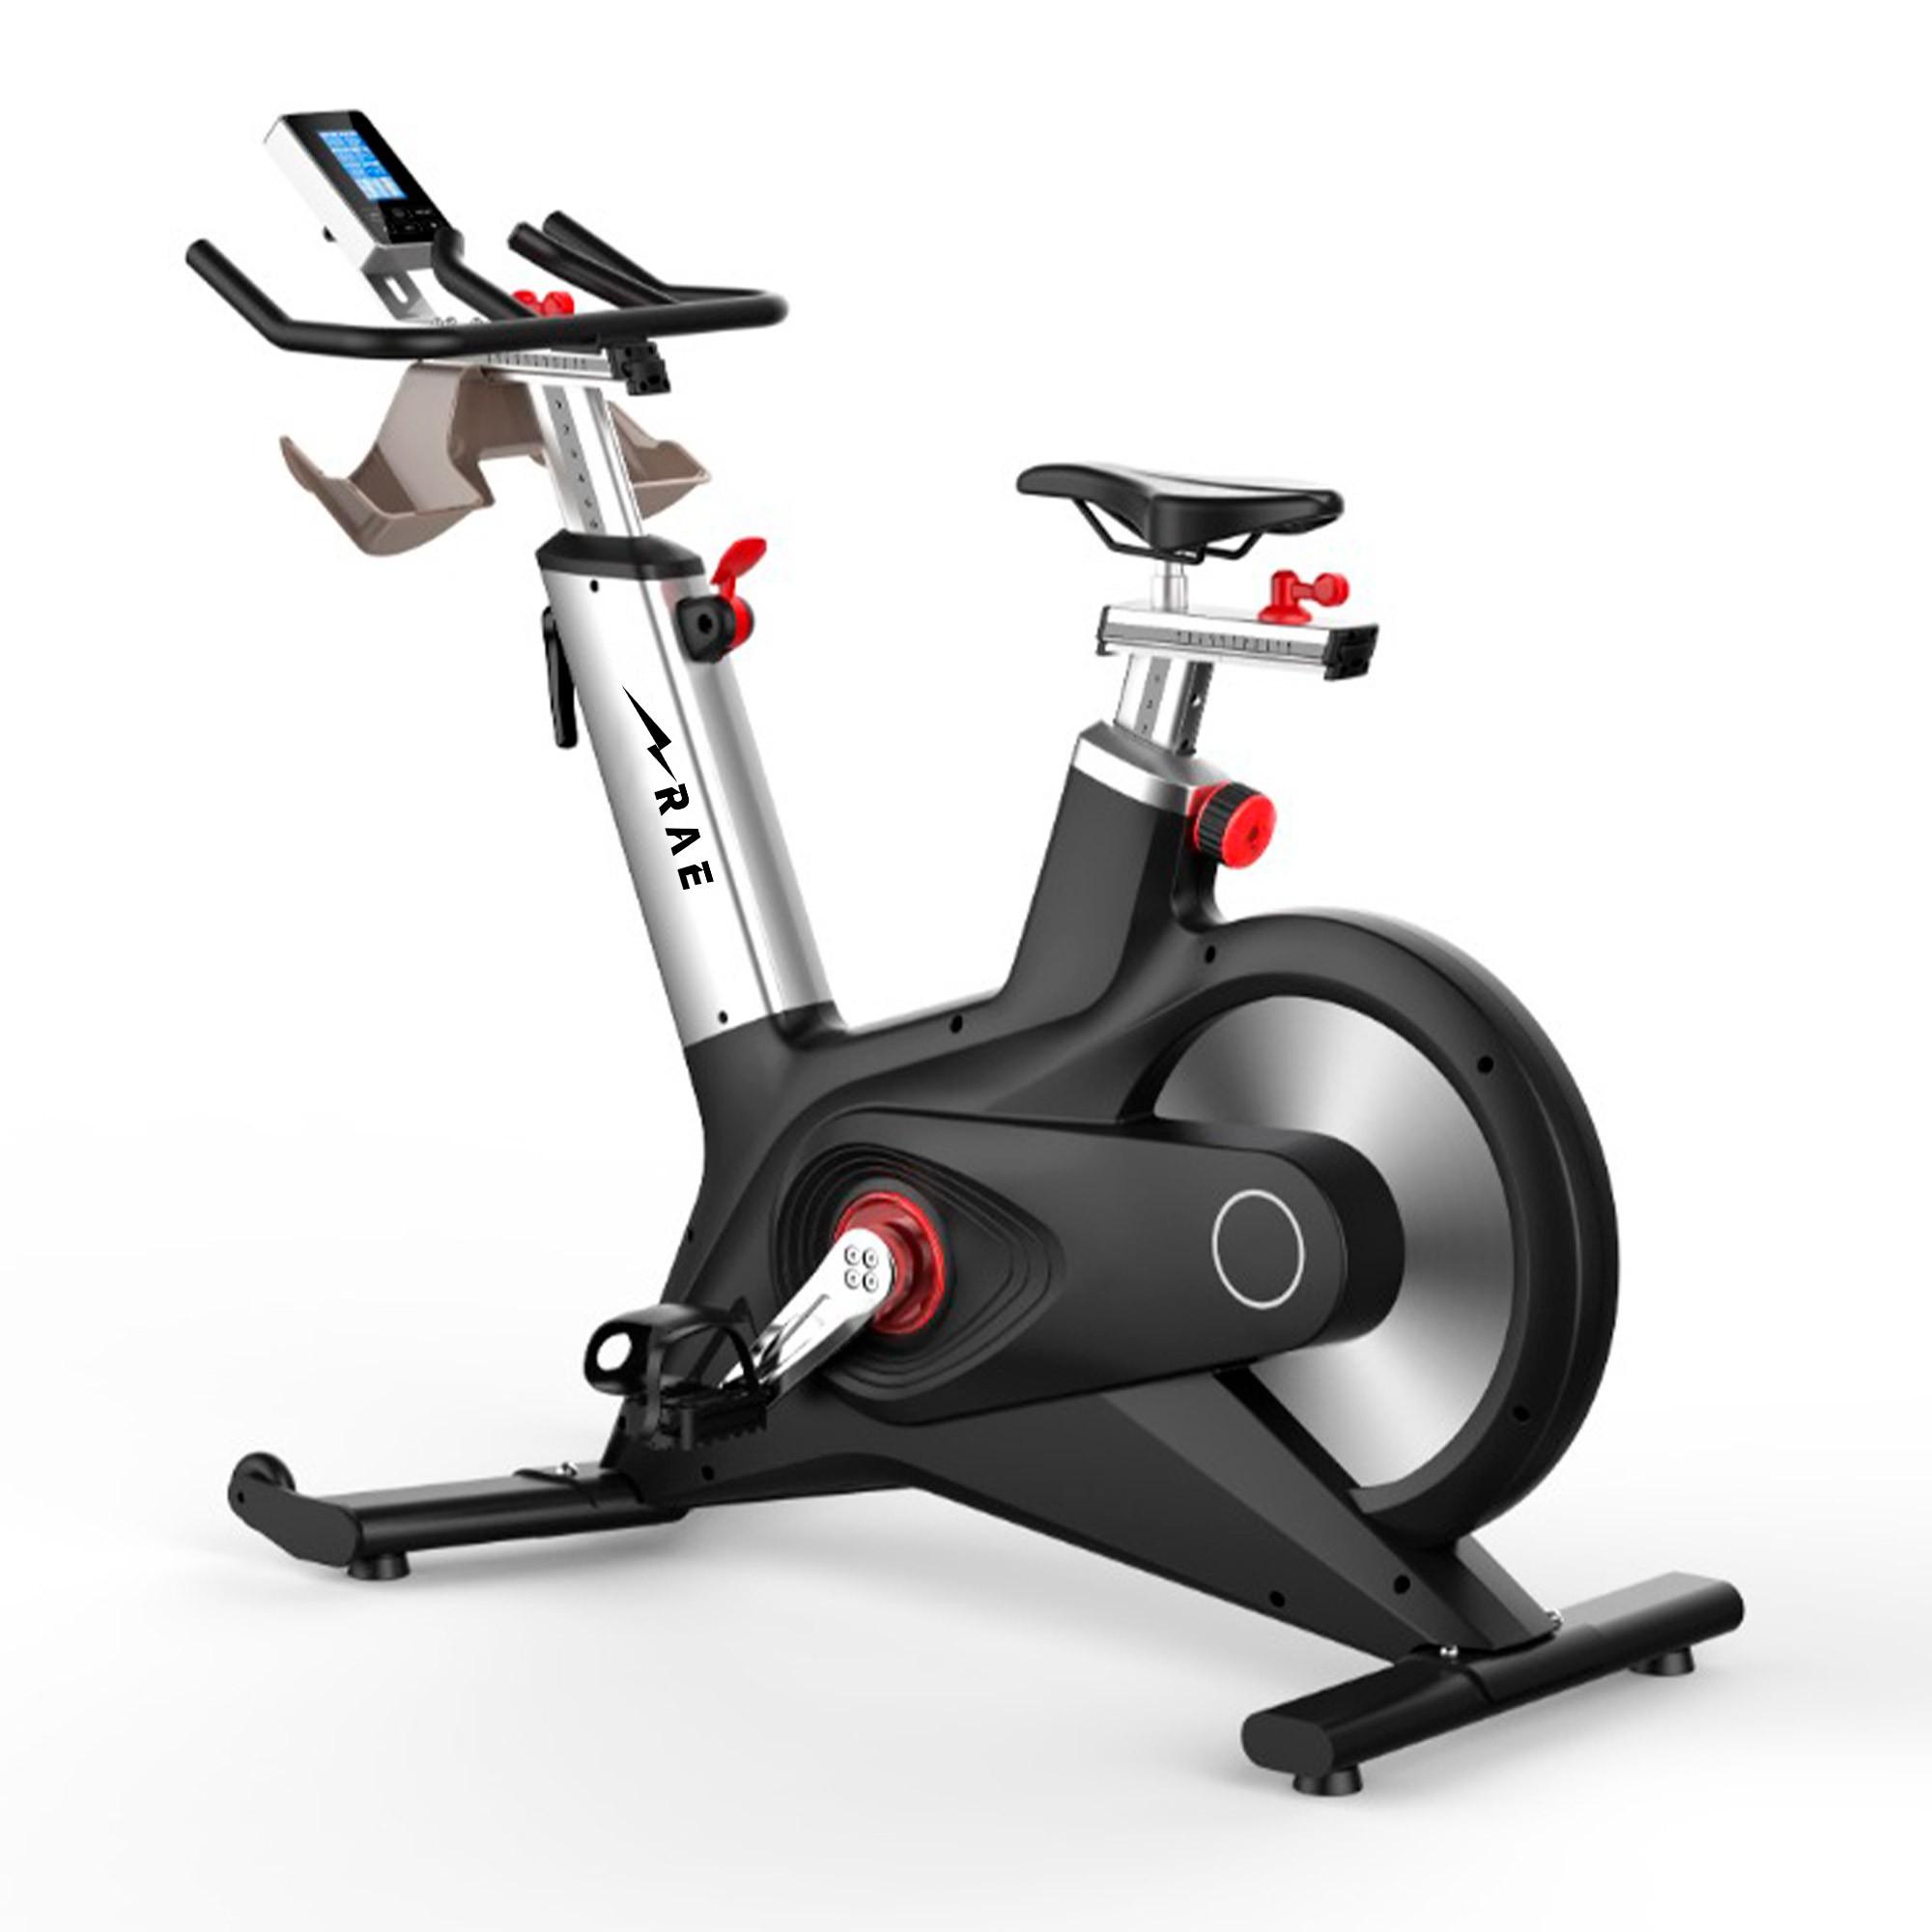 Bicicleta de Spinning - Bike Indoor Myride - Rae Fitness